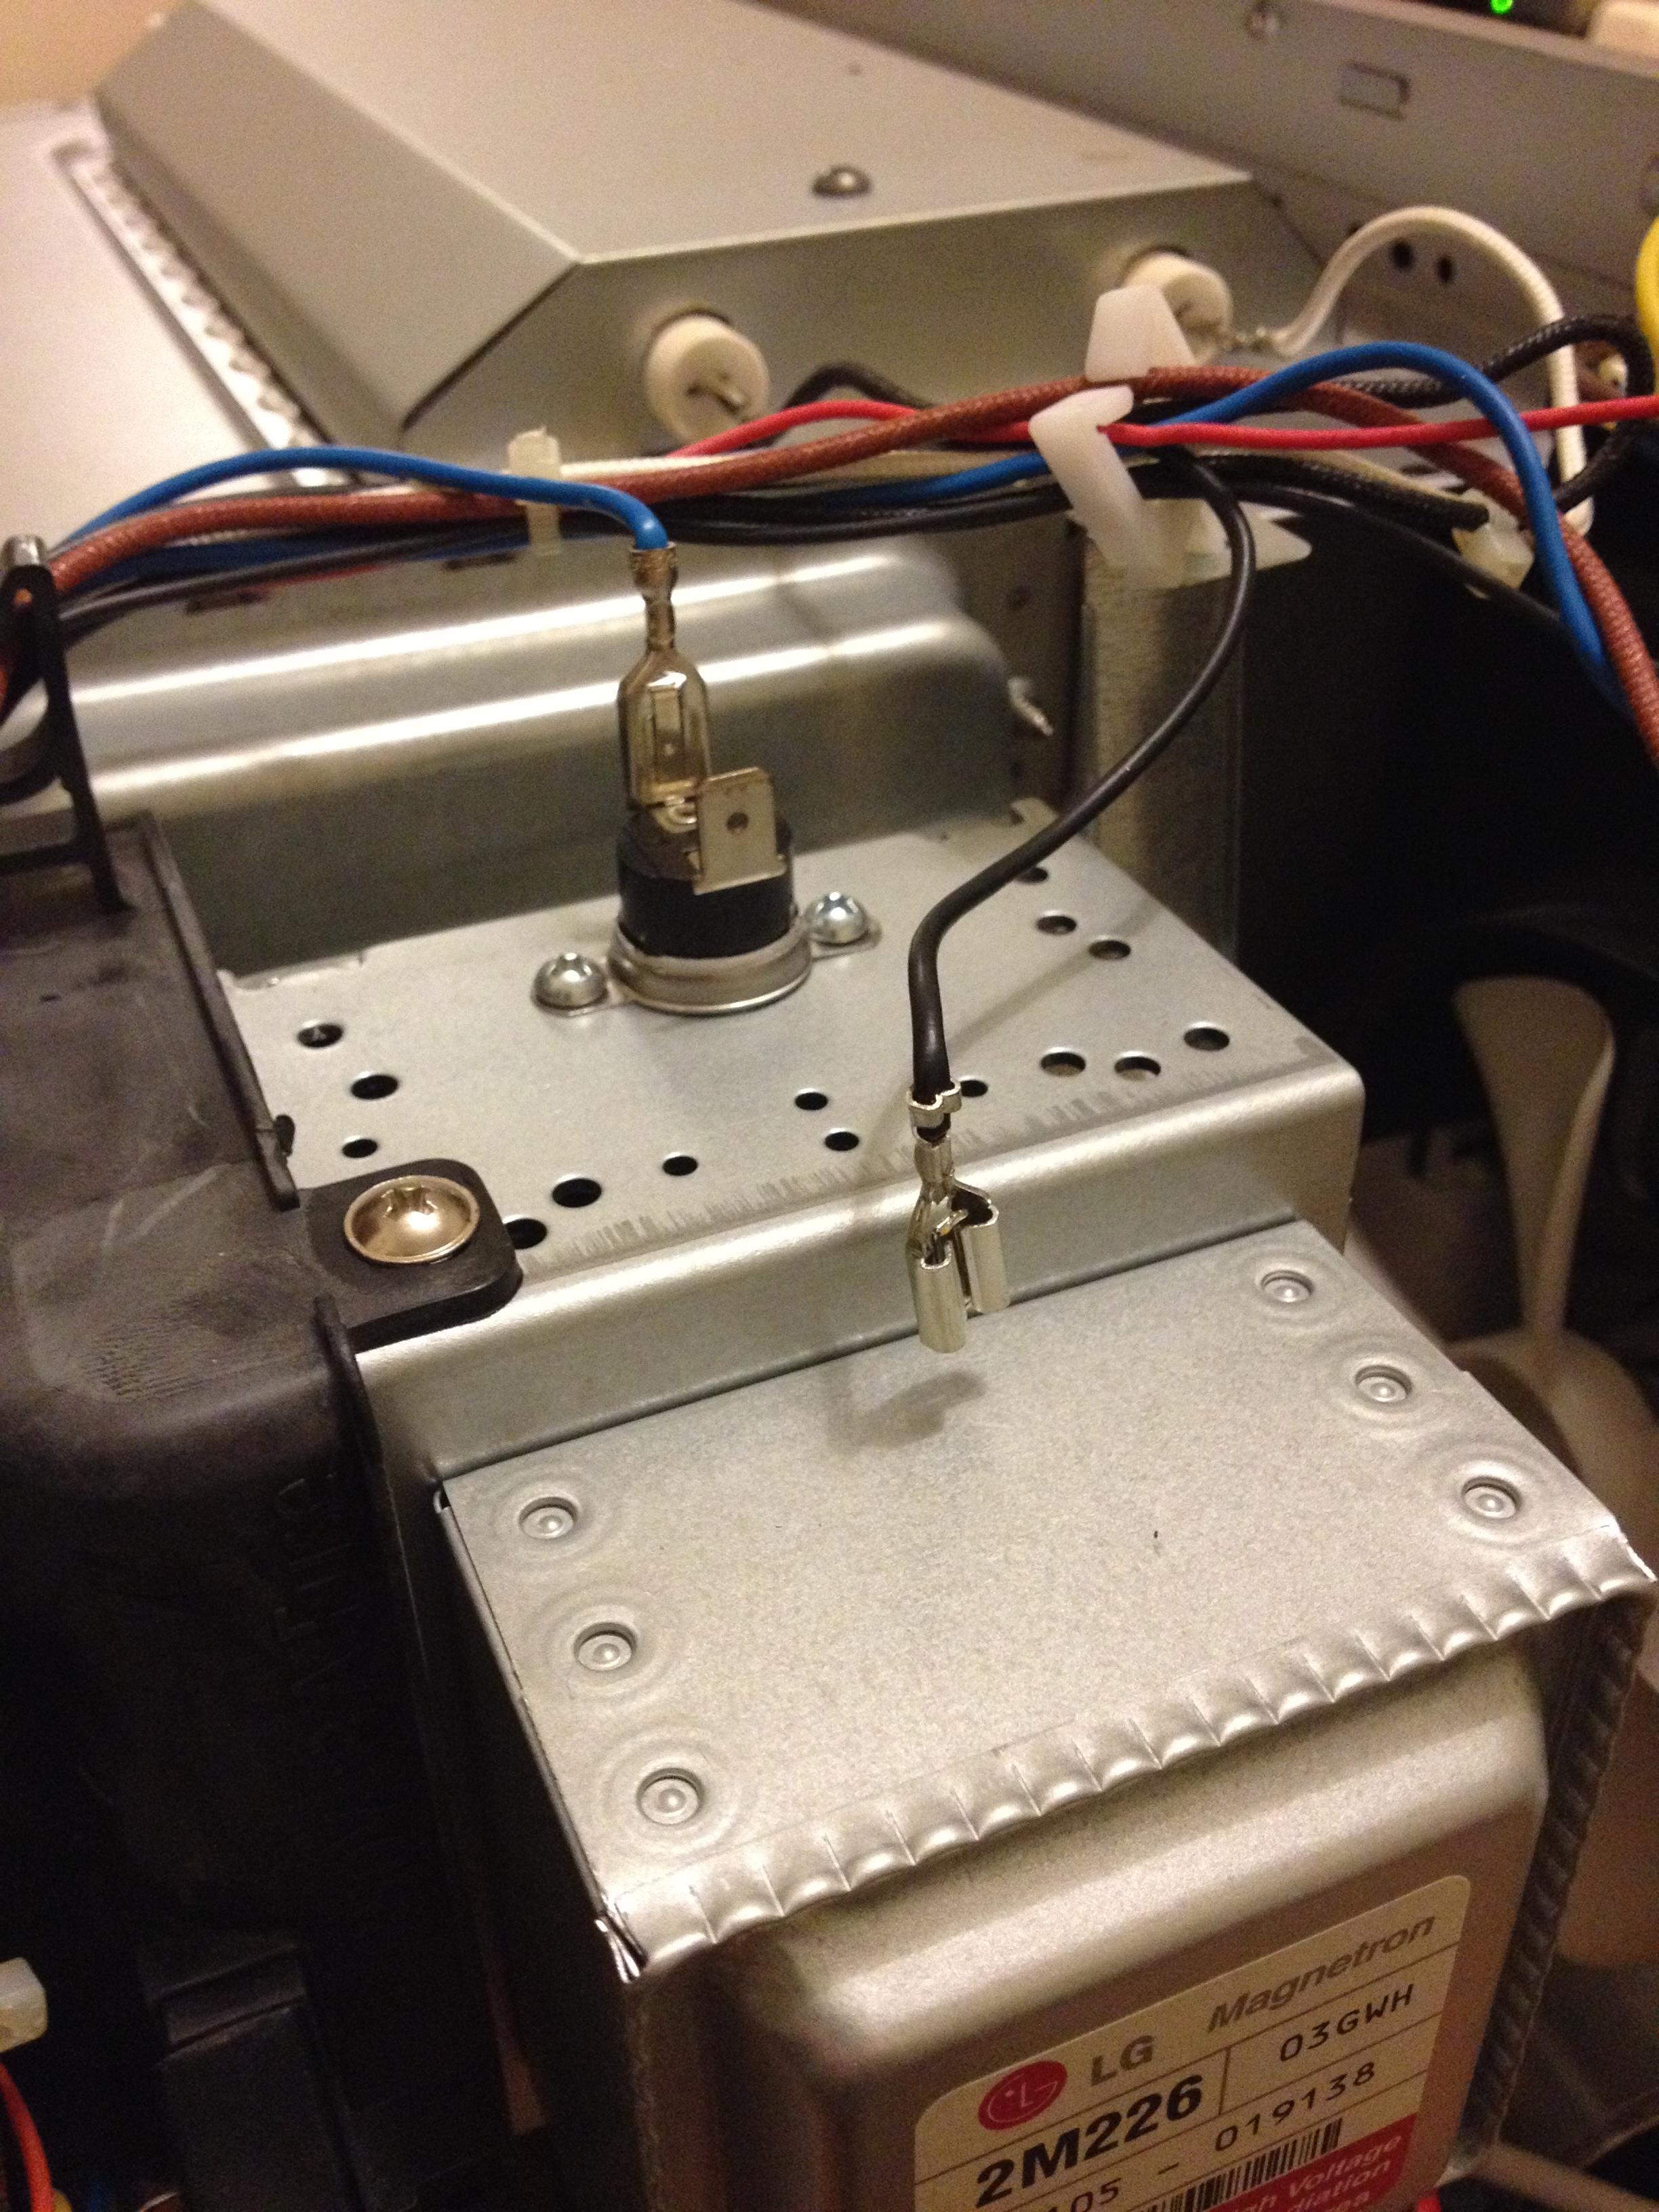 Whirlpool VT265/BL - Mikrofala wy��cza si� po kilku sekundach